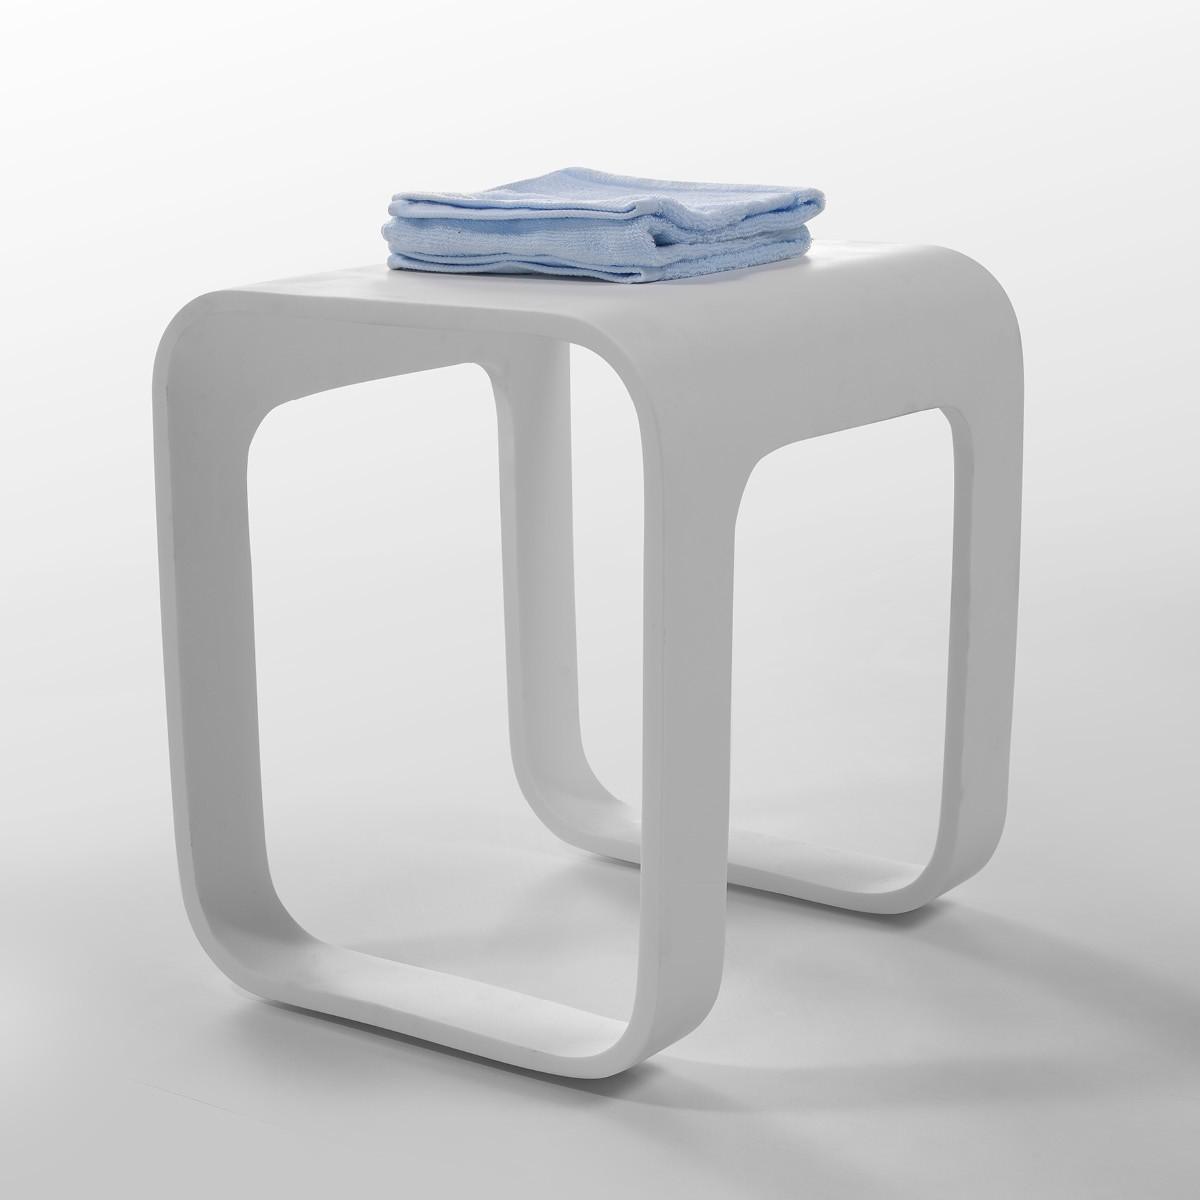 Badhocker design  Design Badhocker aus Mineralguss II Badewelt Badaccessoires